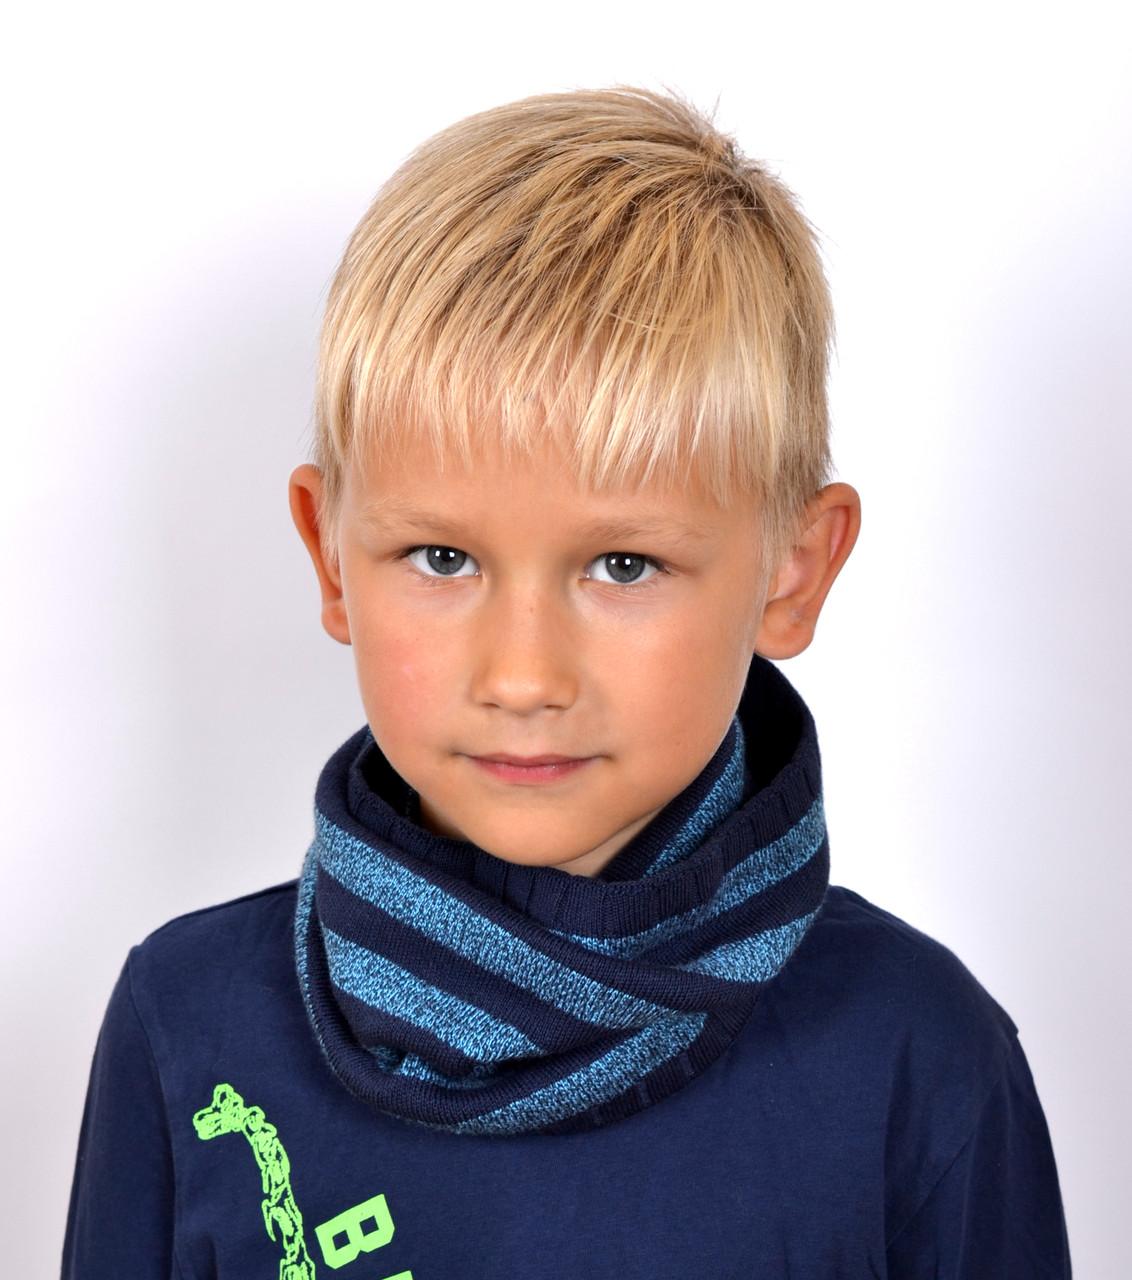 089 Хомут Полоска. От 4 лет. Джинс,голубой, т.зеленый,т.серый. бордо